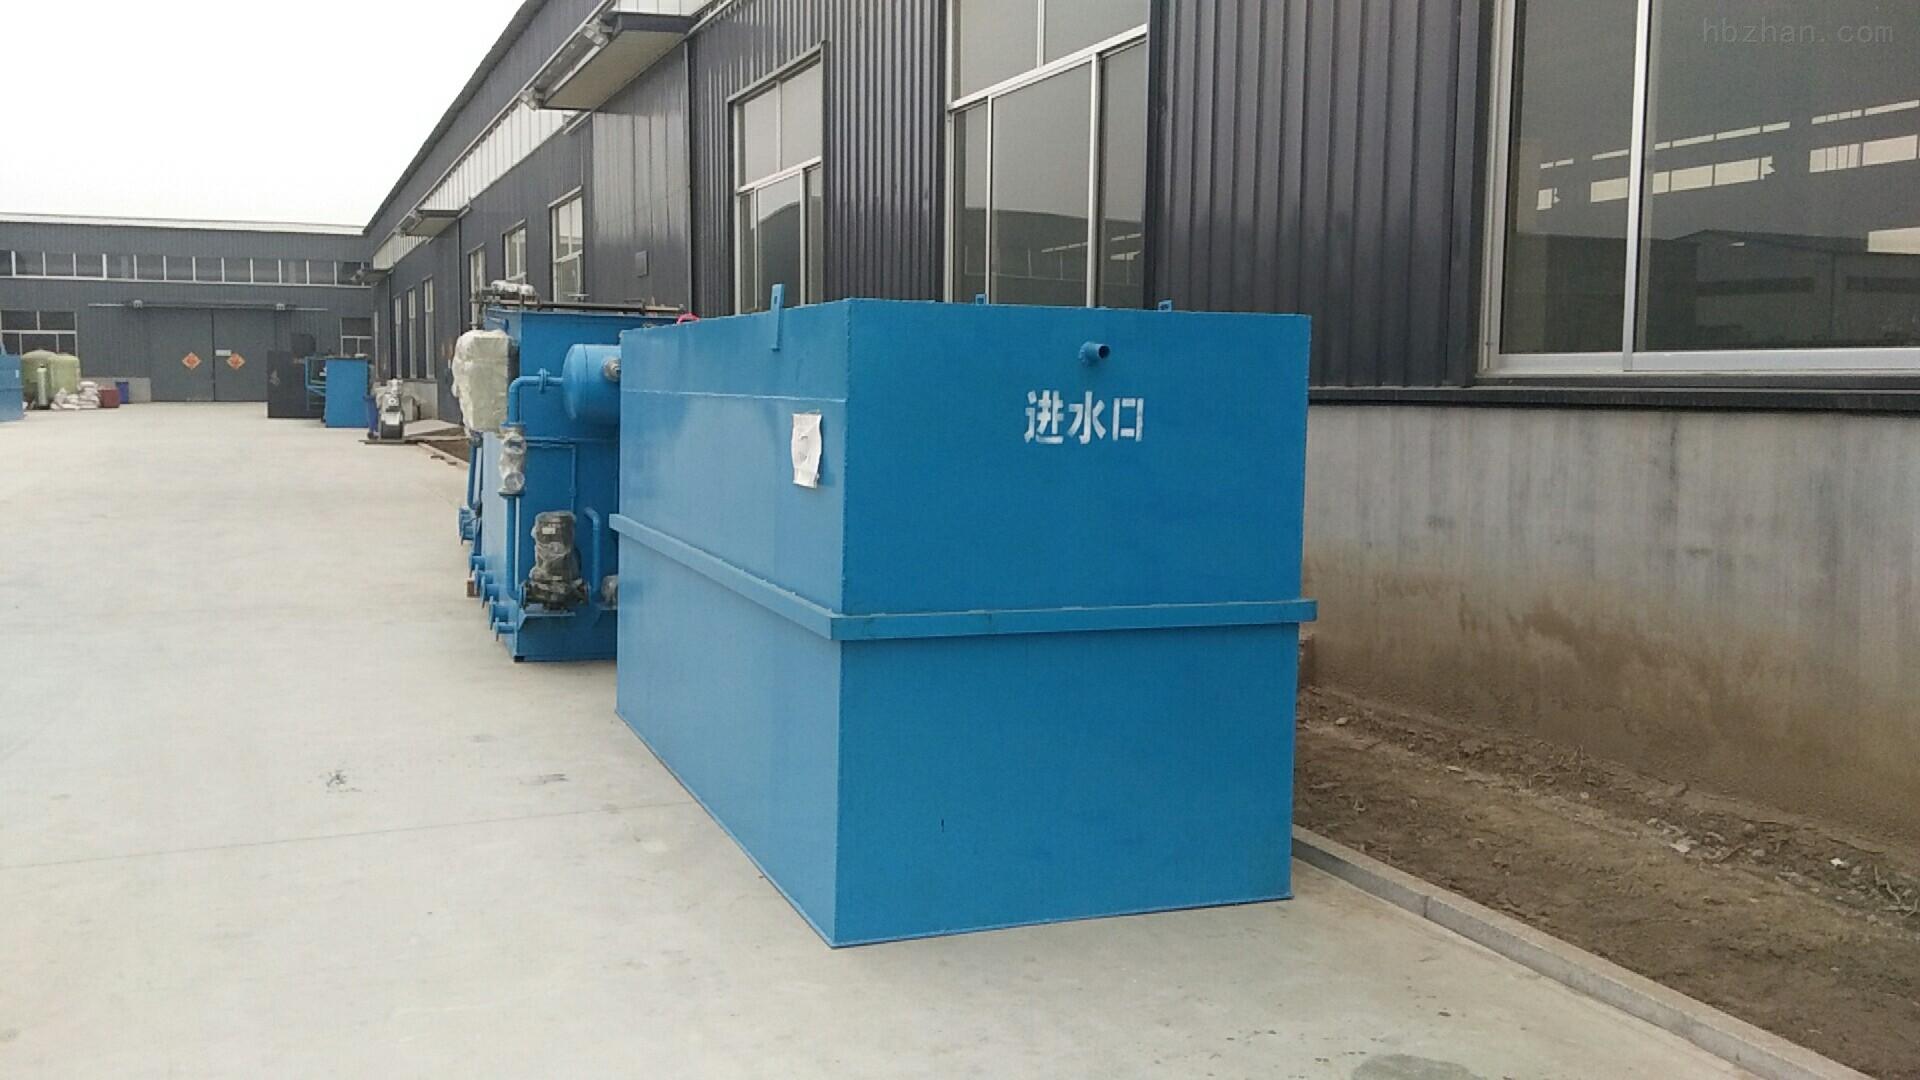 农村生活污水处理设备厂家农村生活污水处理设备调试